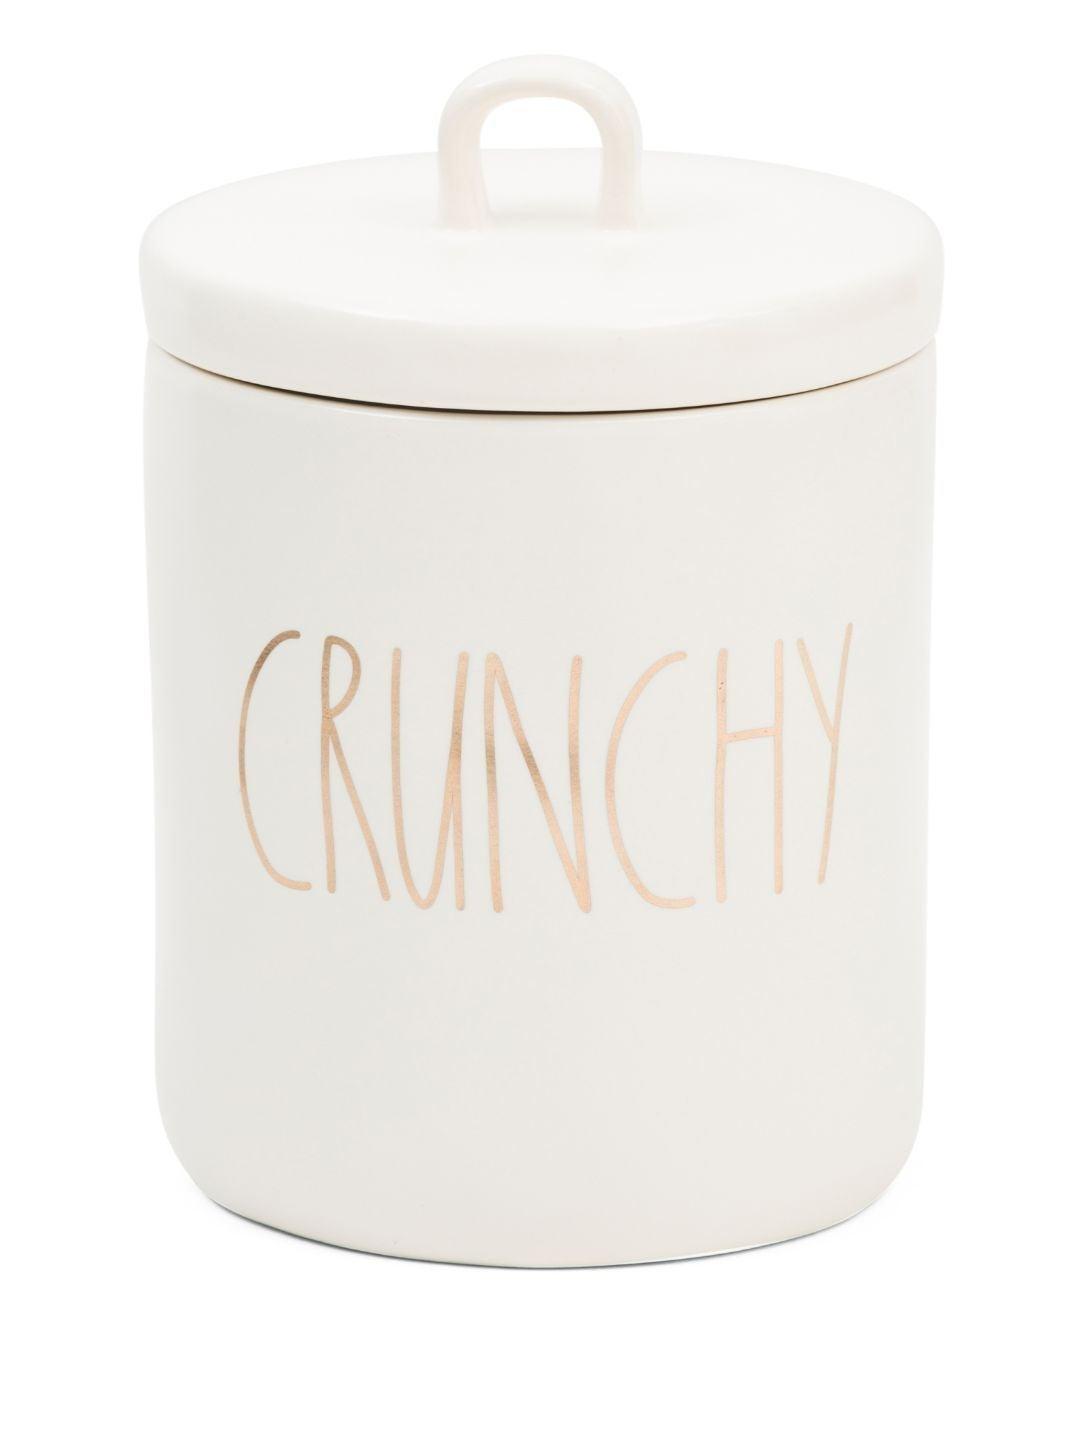 Rae Dunn Canister (Crunchy)